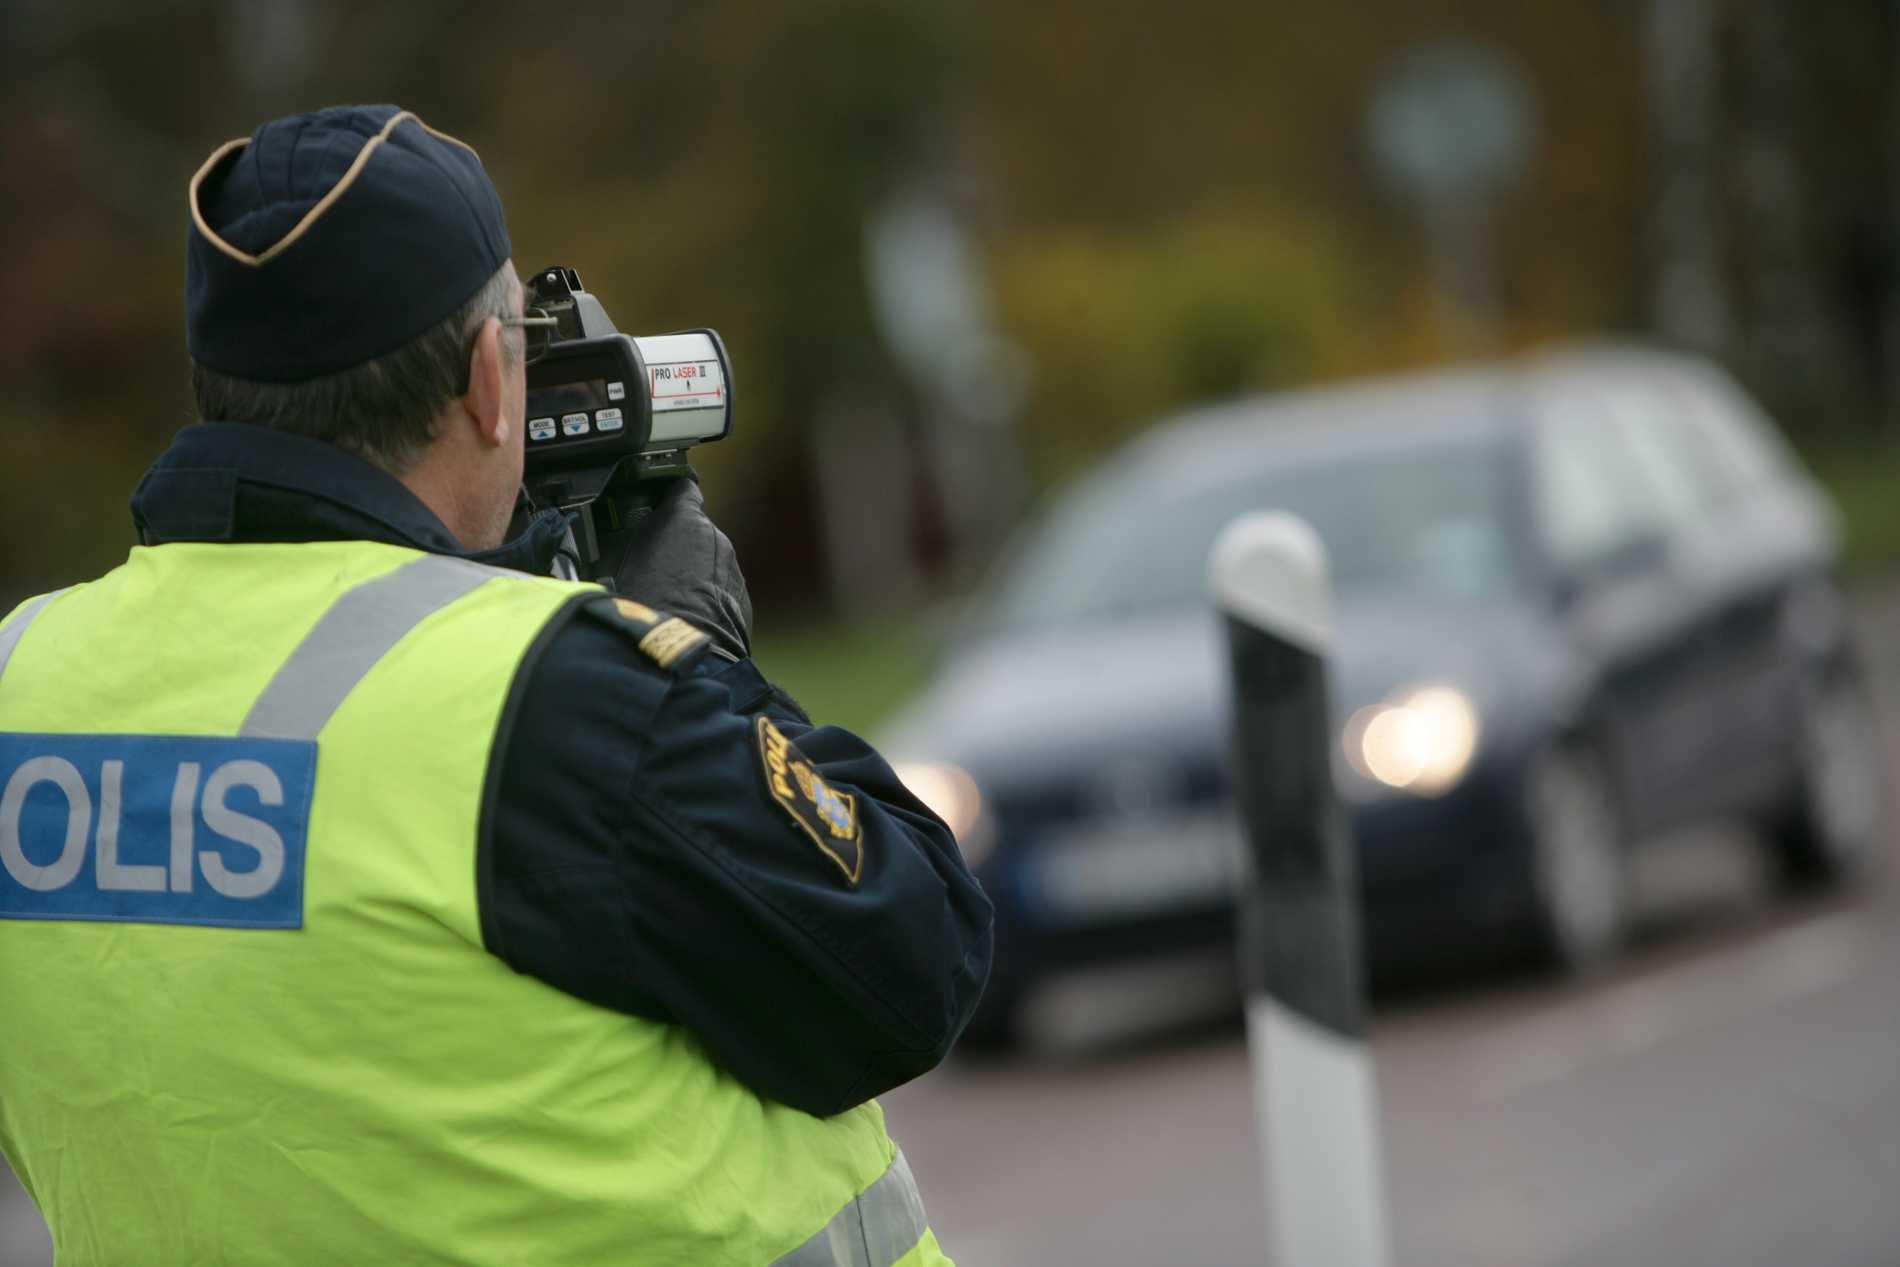 Polisledningens order: Utred många fall på kortast möjliga tid